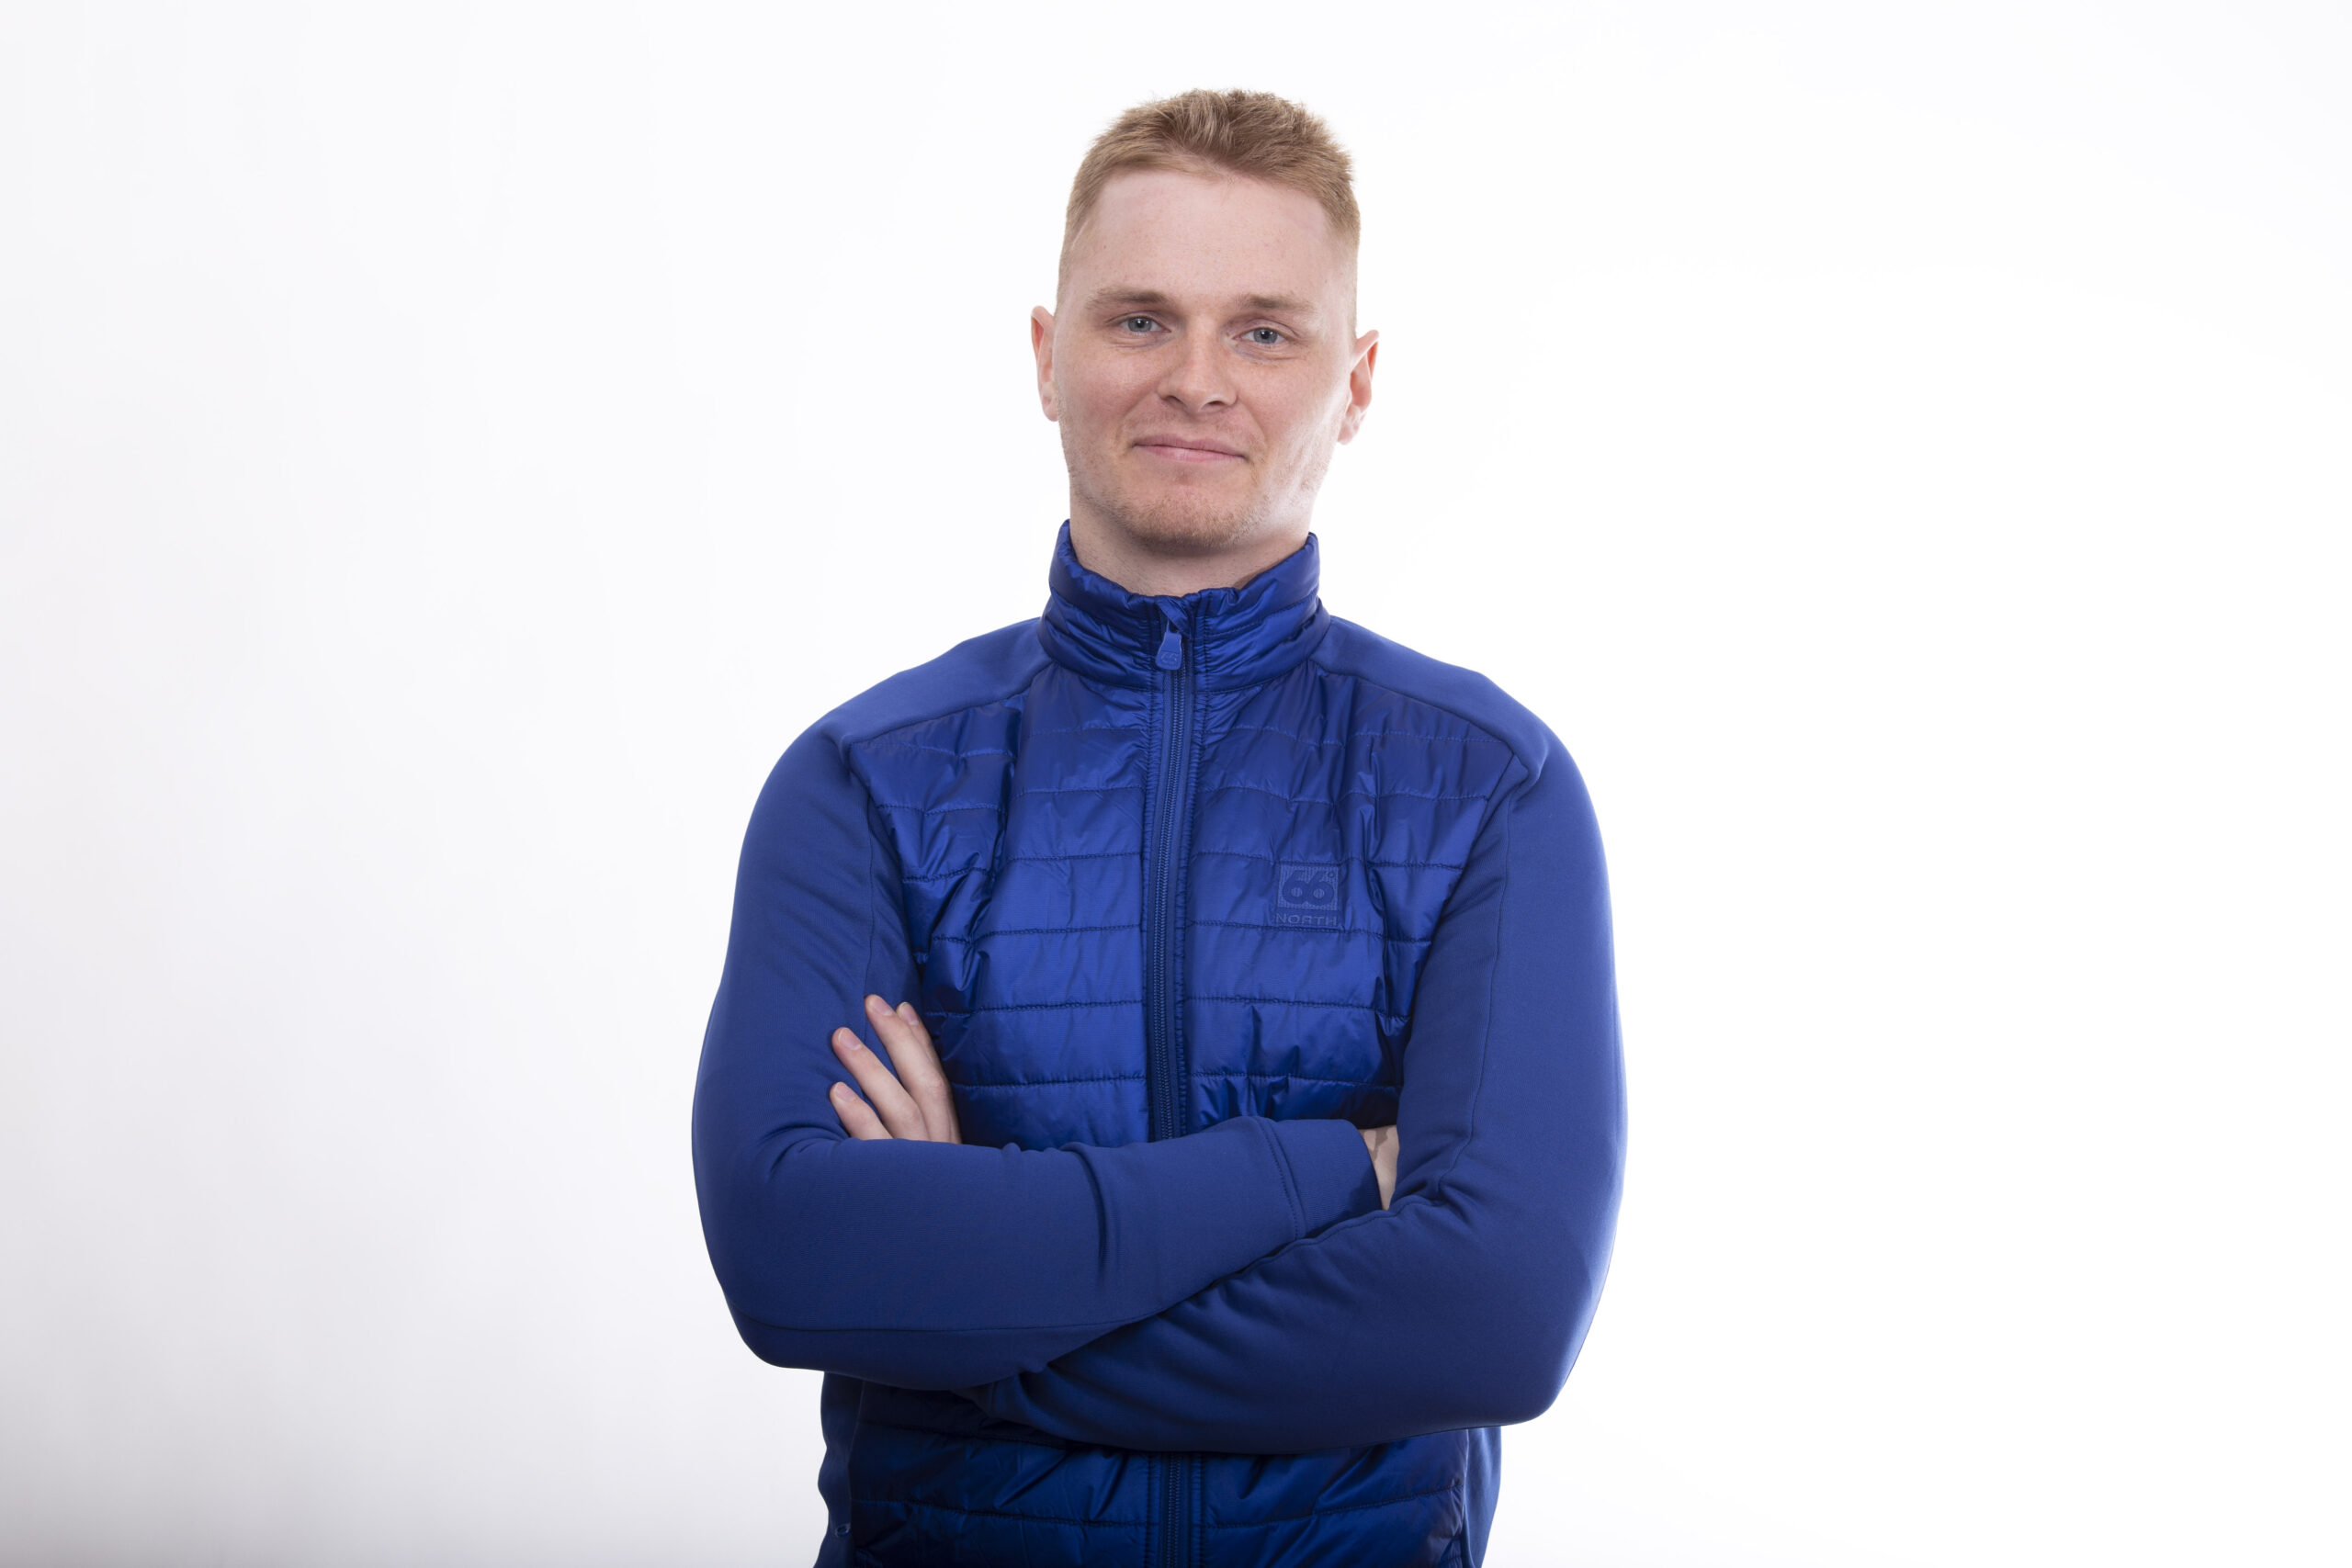 Þorgeir Ívarsson